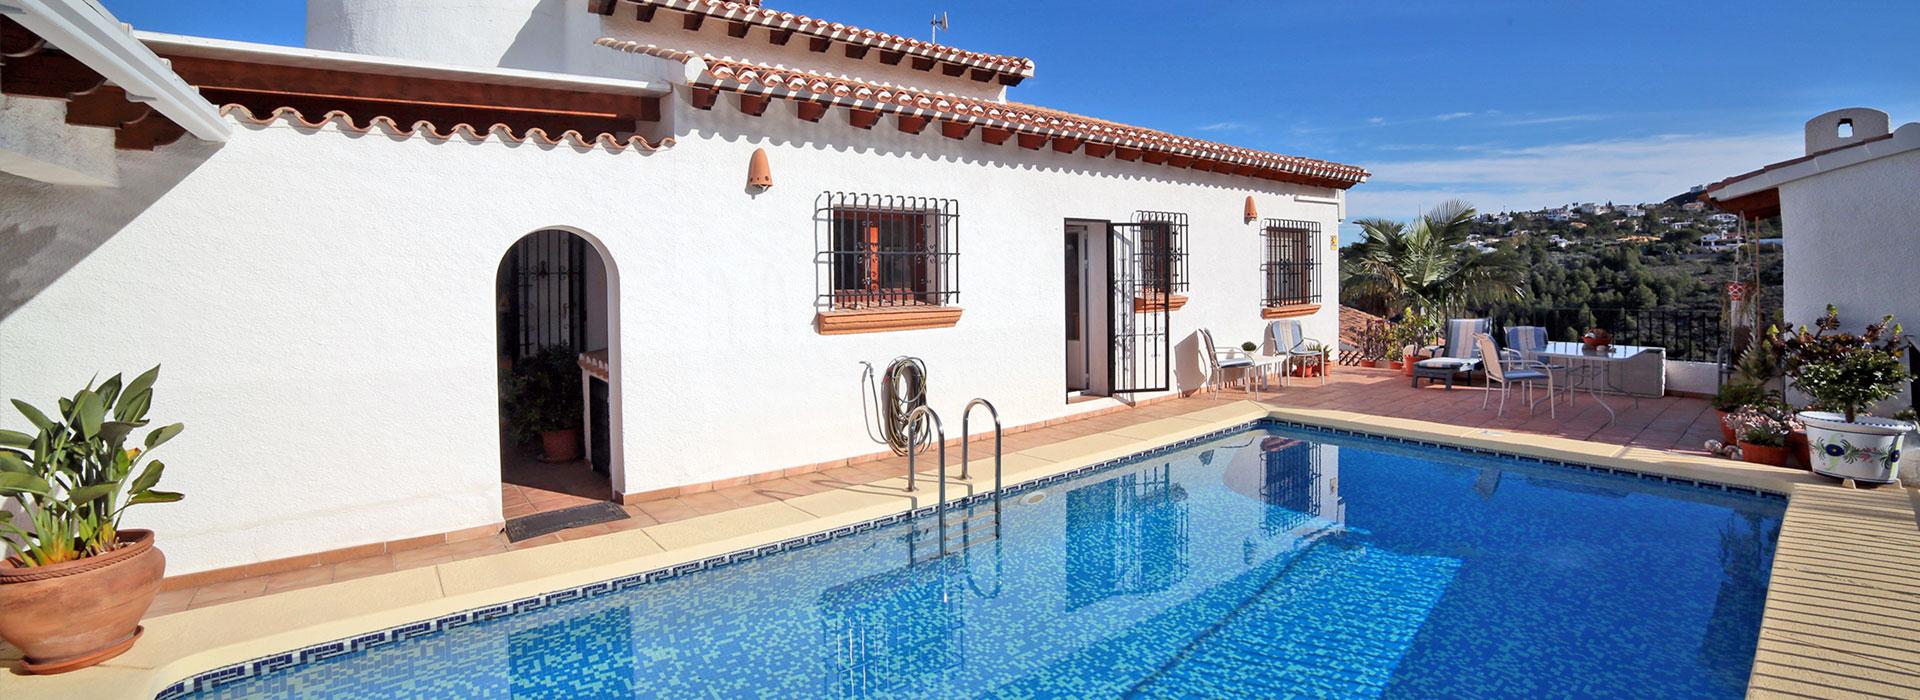 acb.immo - Villa de 3 chambres avec piscine à Monte Pego, Denia